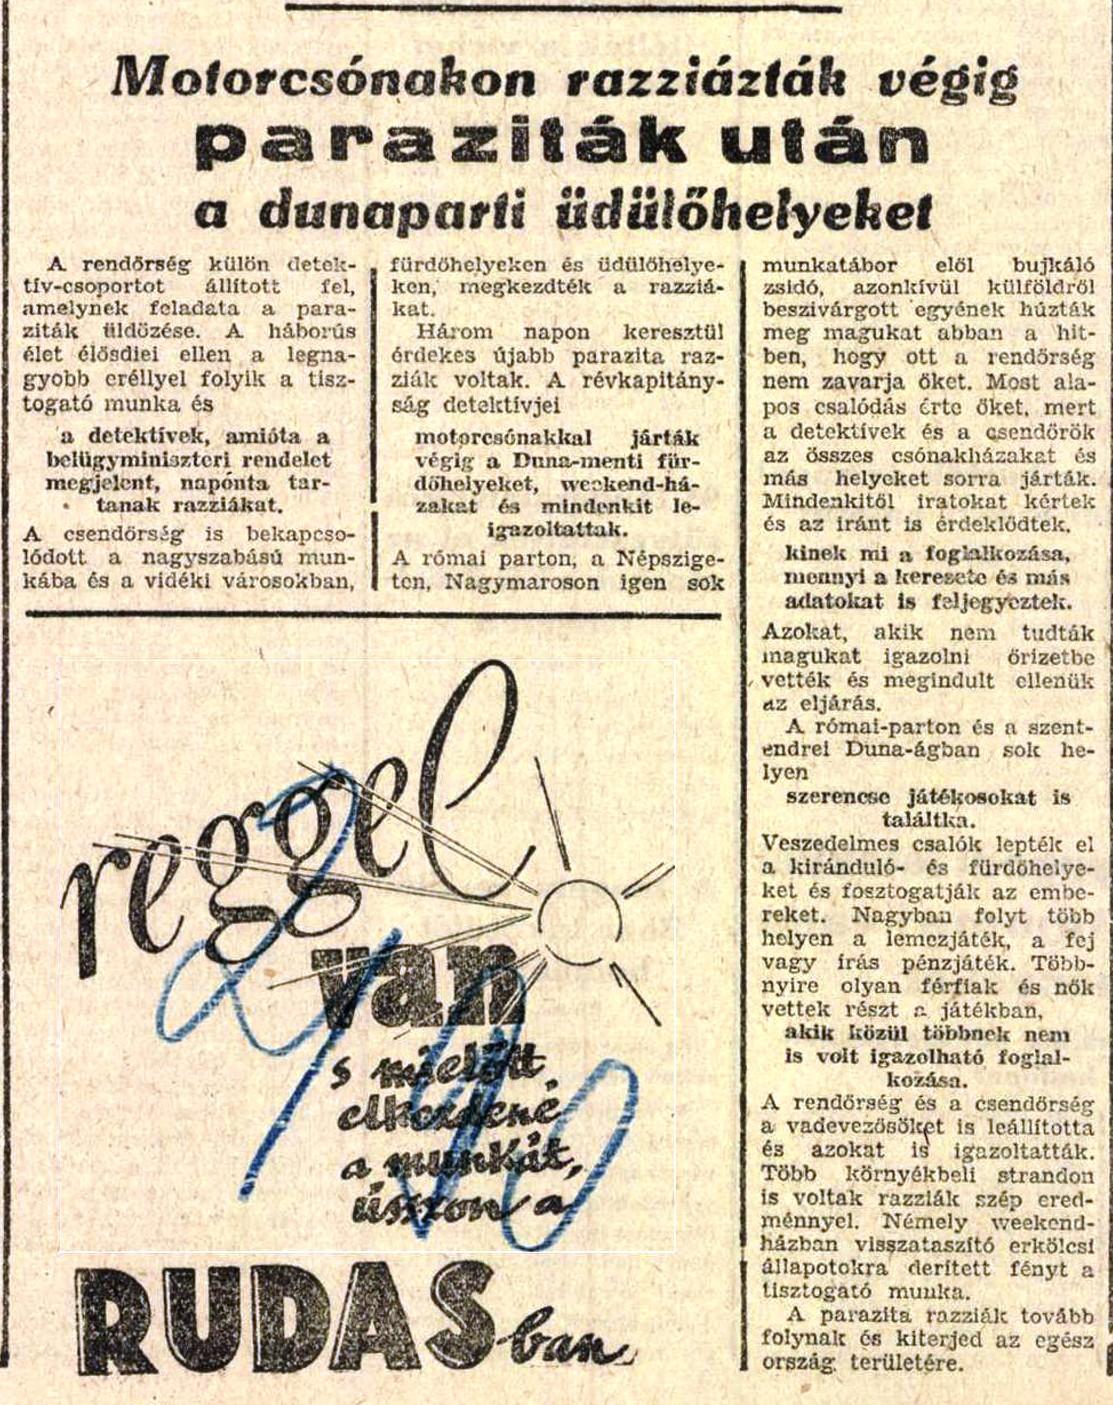 hetfo_1943_pages116-116.jpg